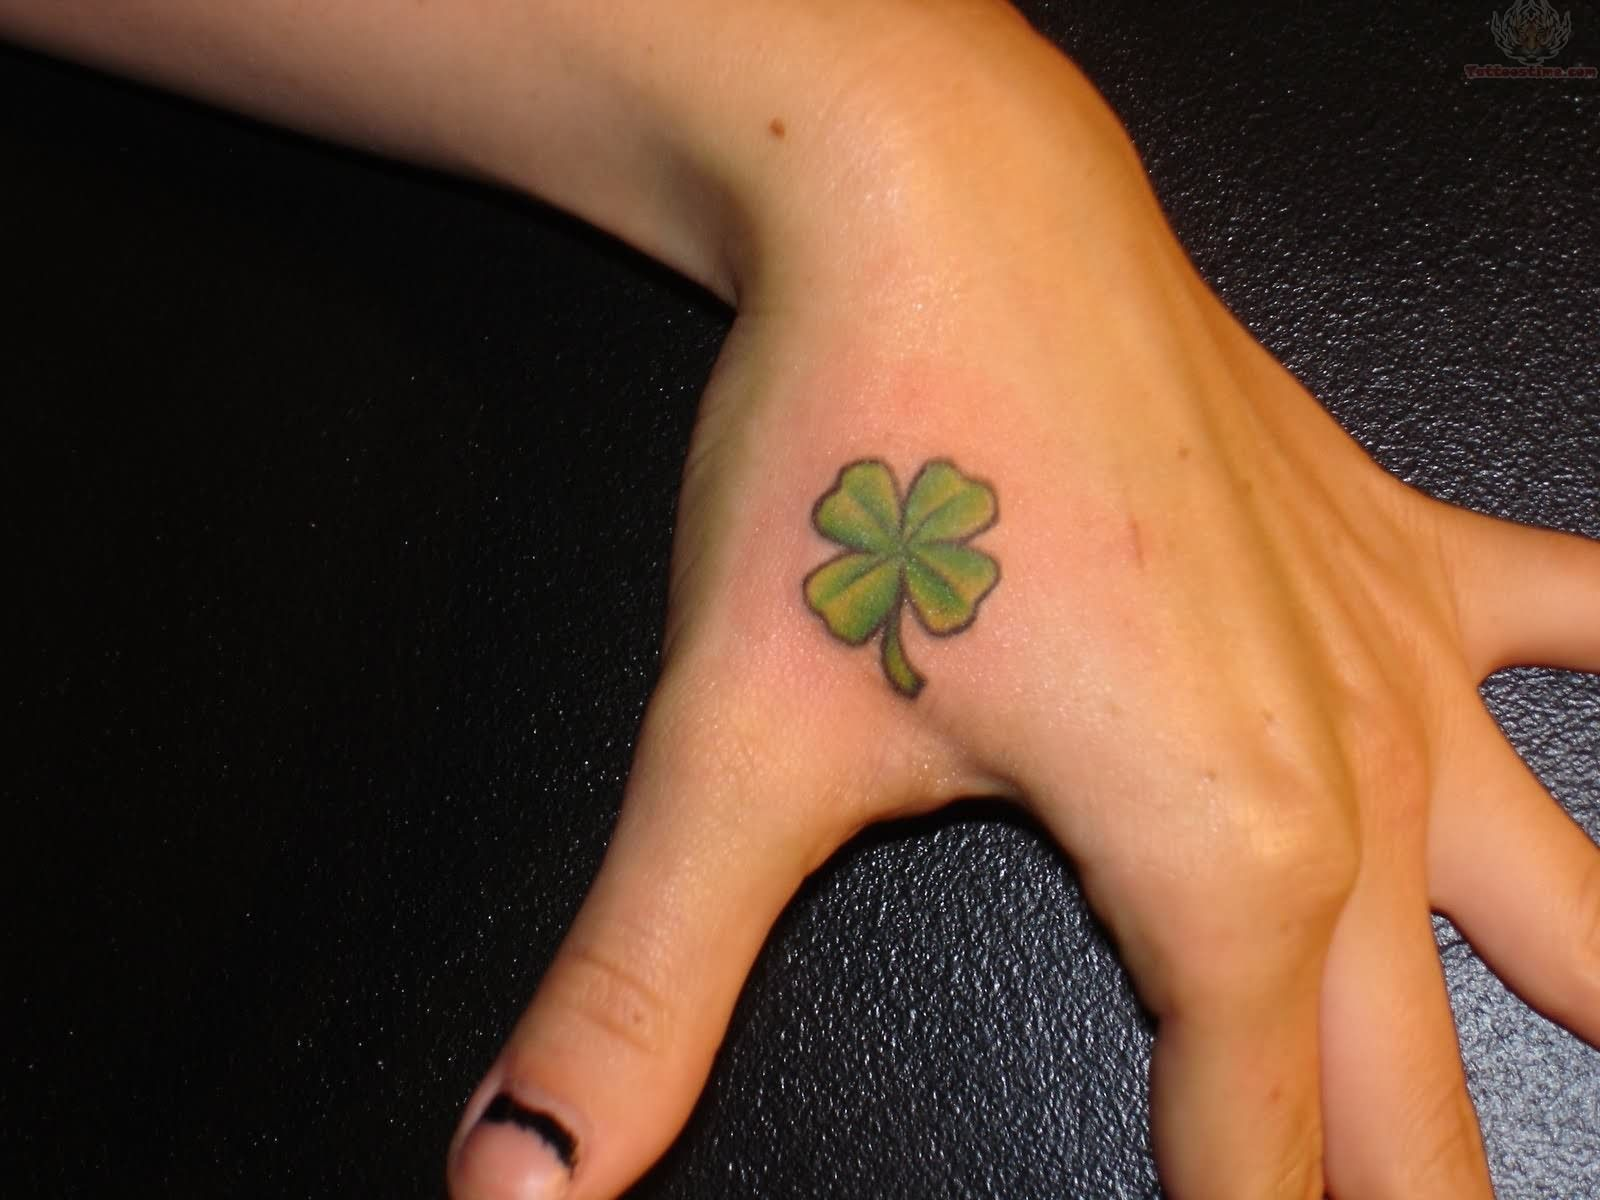 Hand tattoos tattoo ideas hands body art tattoo s floral tattoo - Tattoo Shamrock On Hand